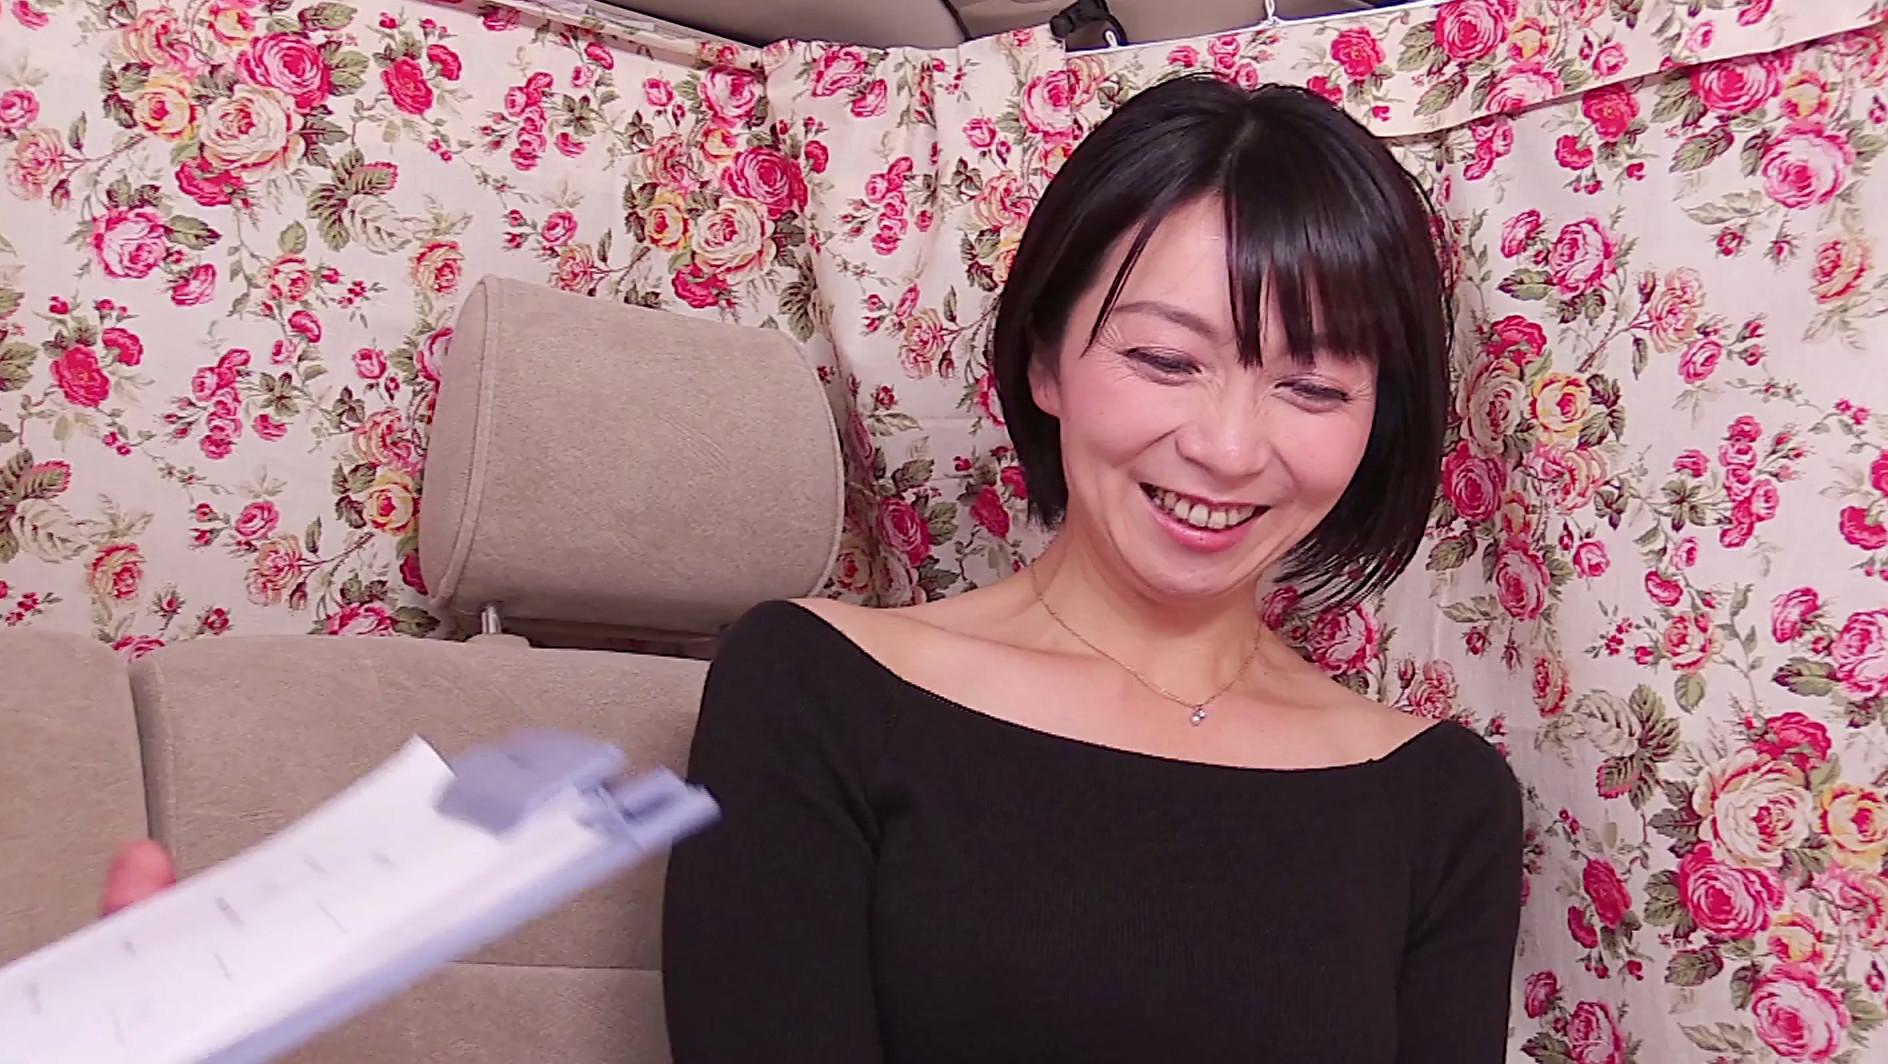 ピンクのTバックがまぶしい美熟女!10年ぶりのSEXで恥ずかしがりなふがらイキまくりな47歳の高橋さん 画像1